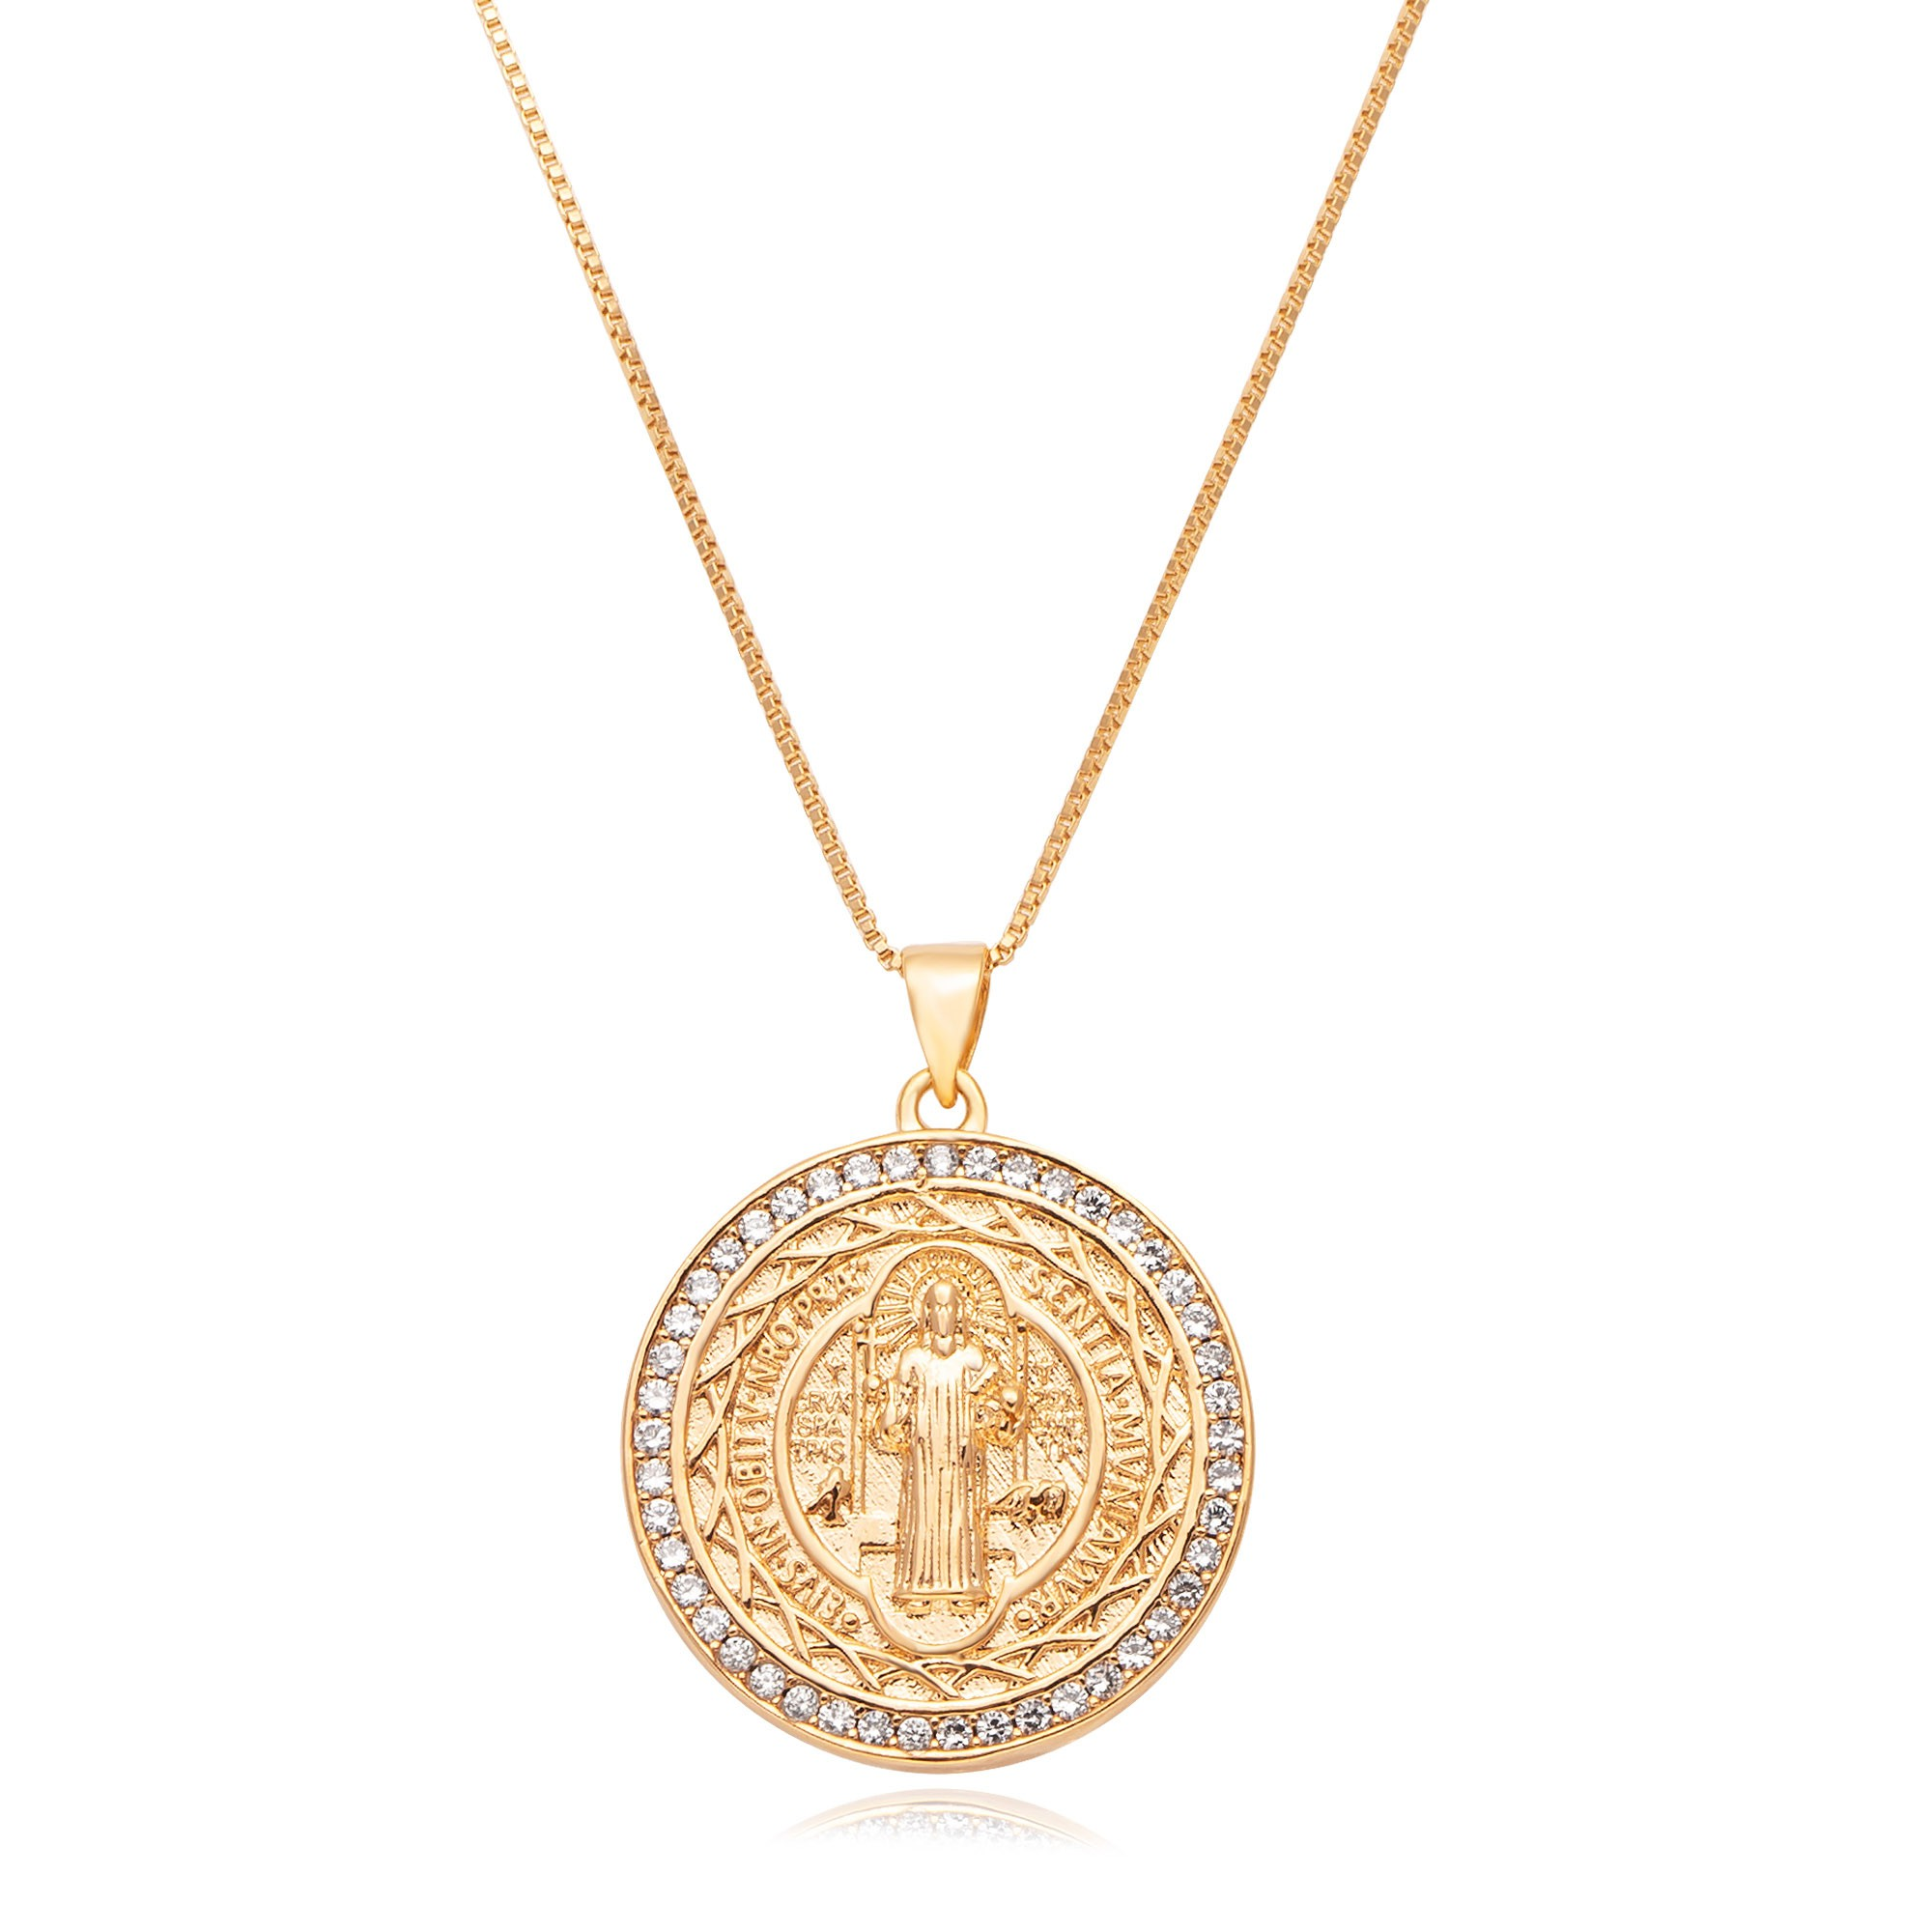 Colar medalha de São Bento com zircônias banhado a ouro 18k  - romabrazil.com.br